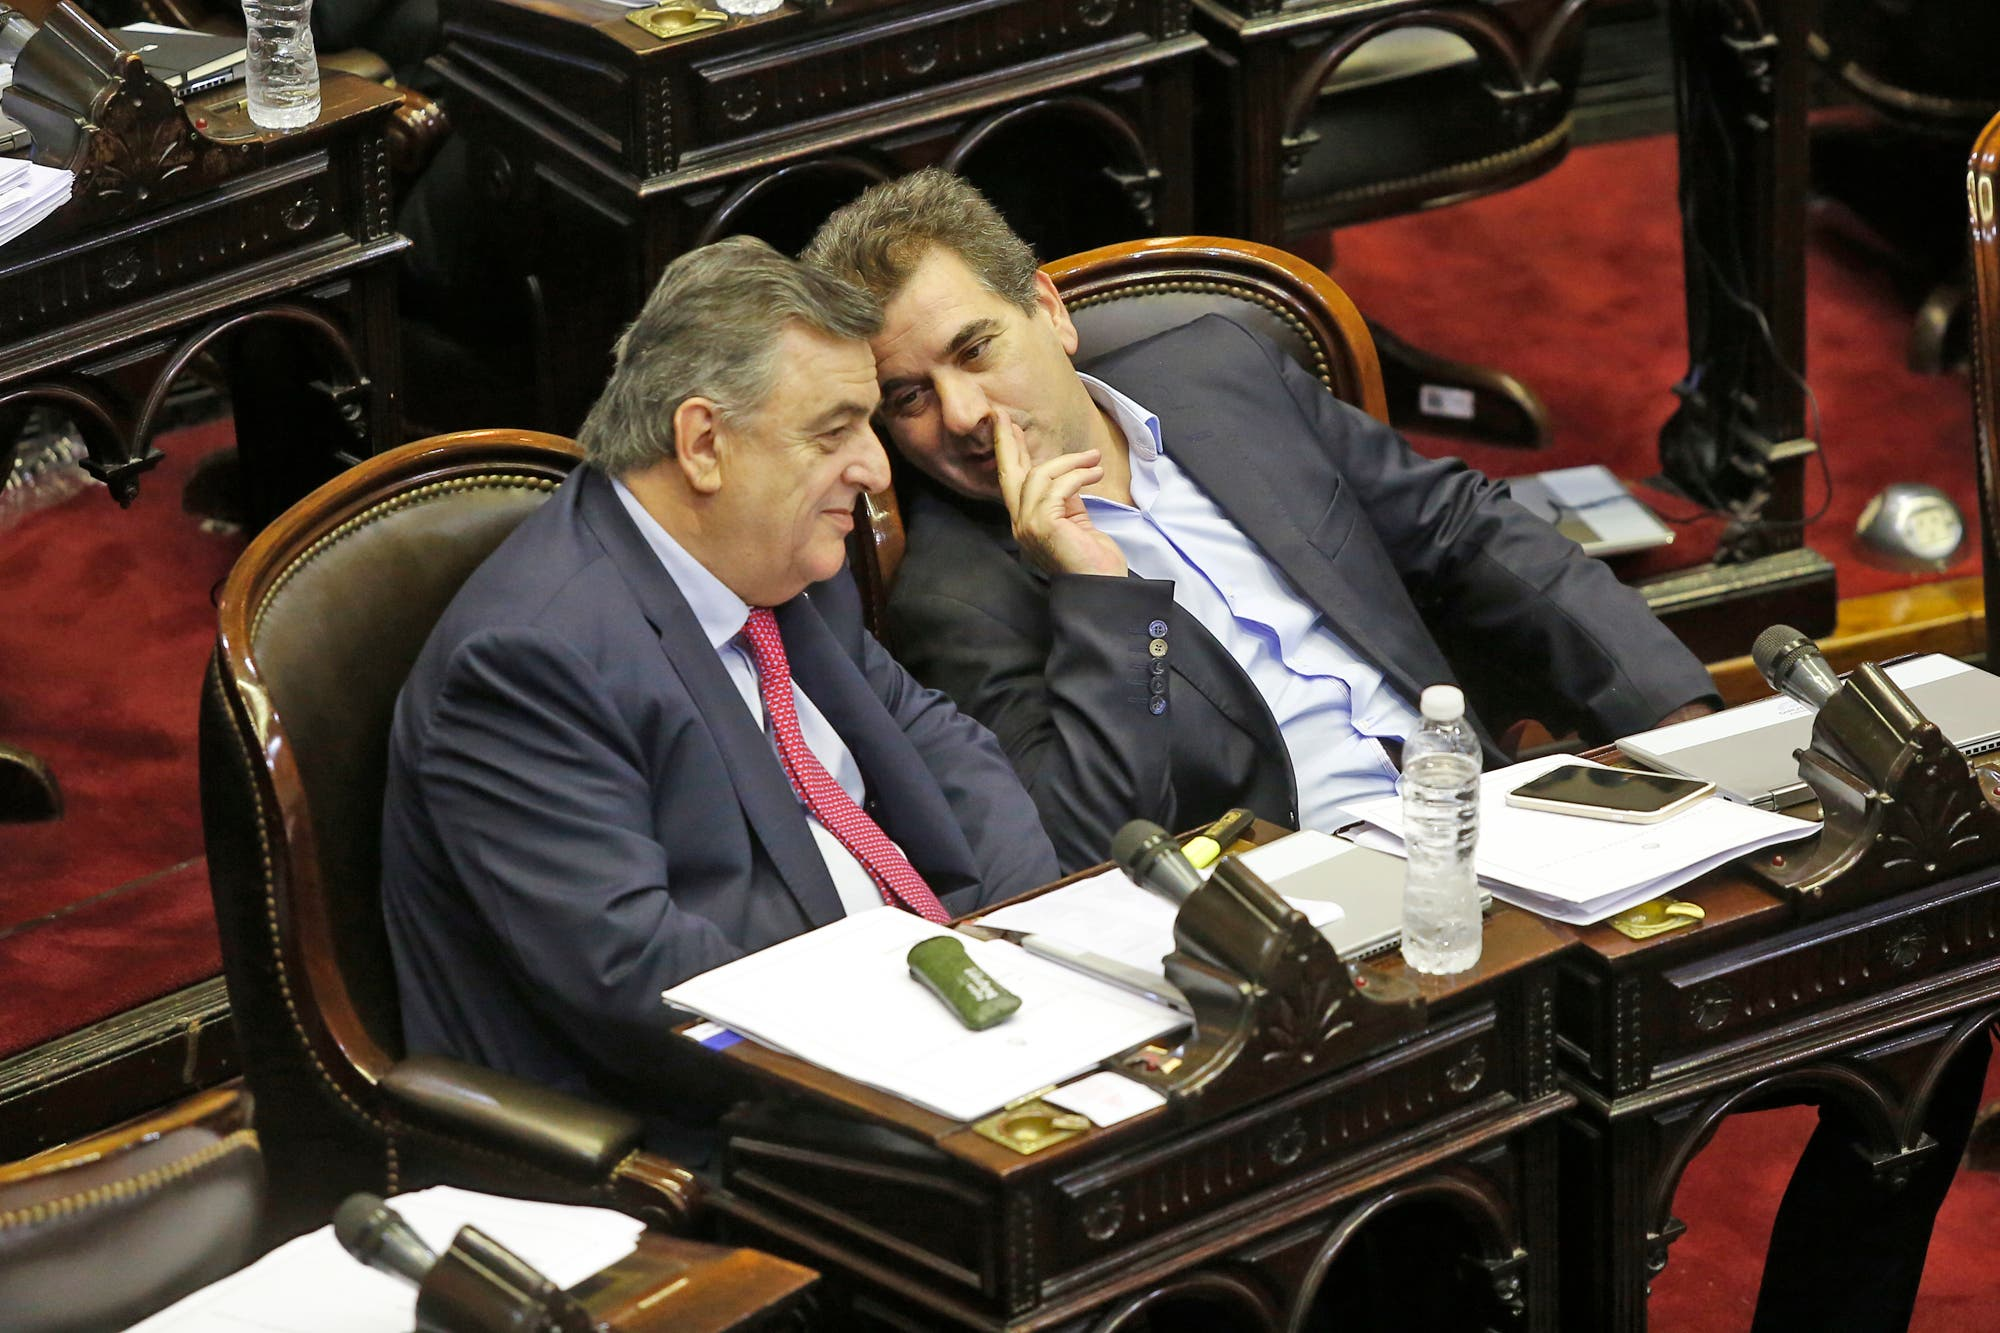 Reparos de la oposición al proyecto del Gobierno para recortar jubilaciones